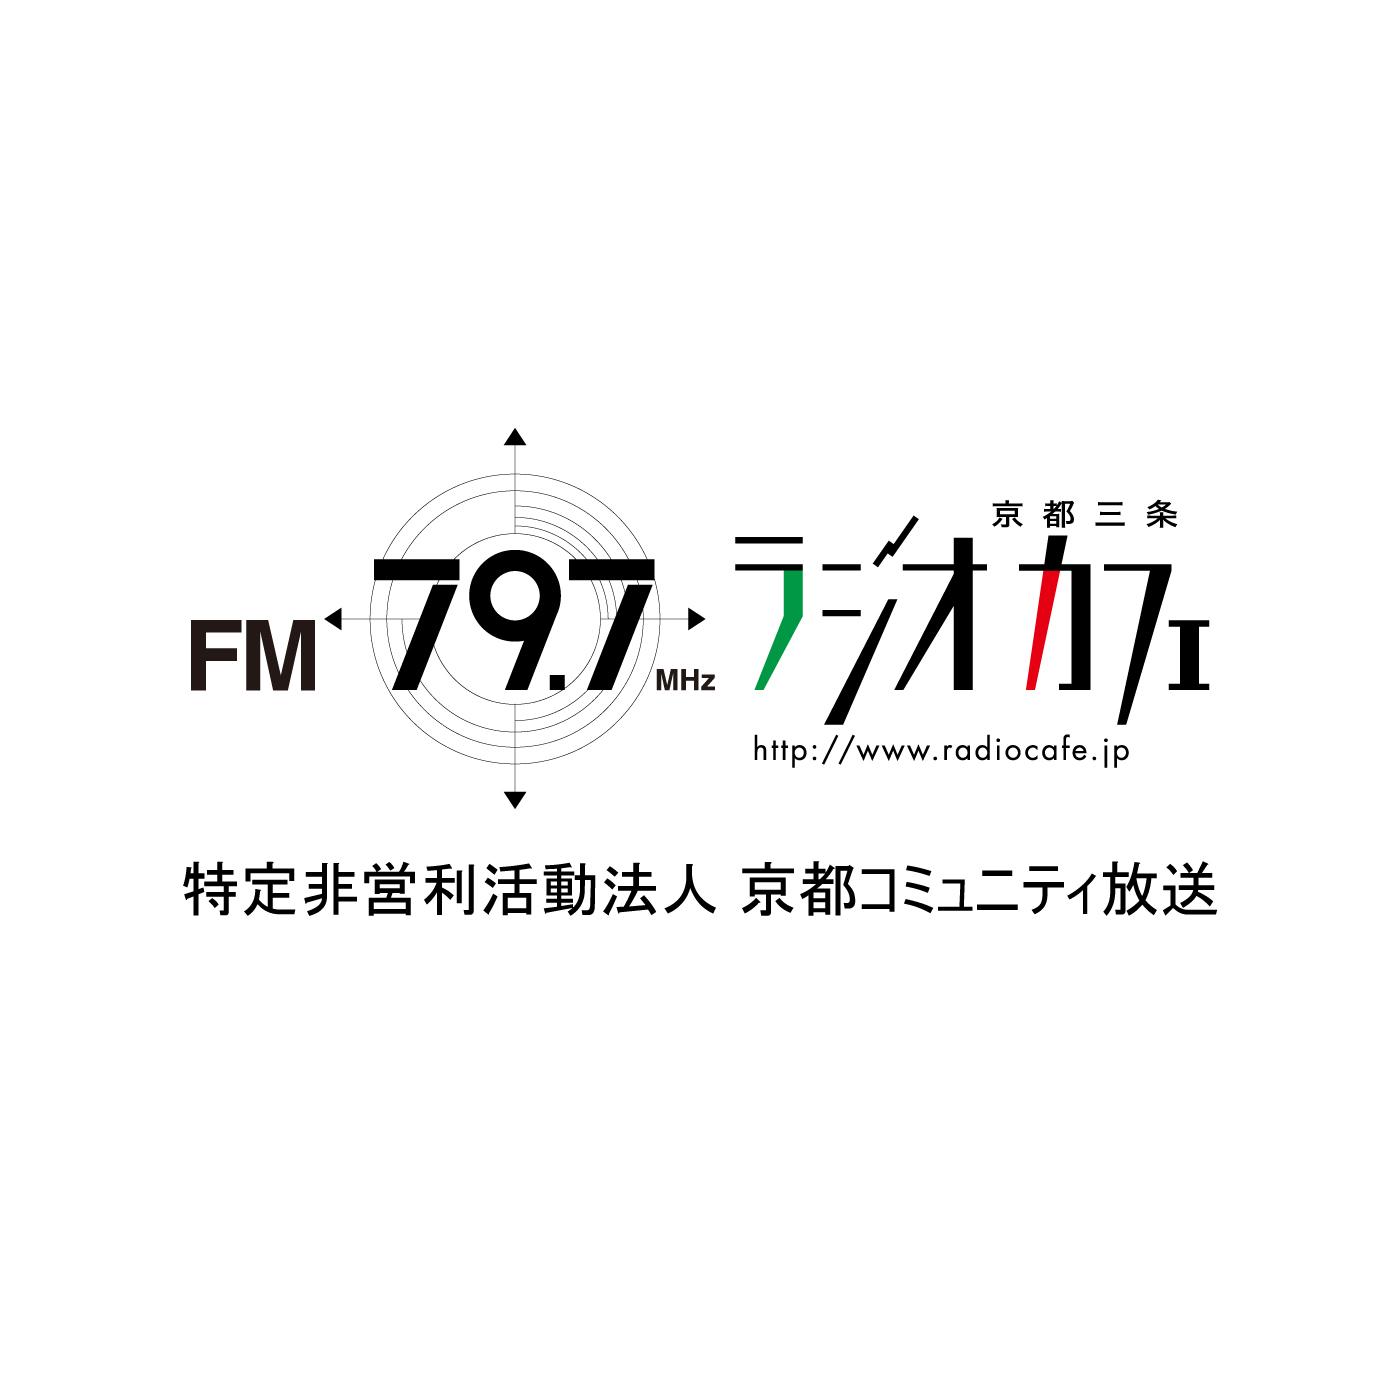 NPO京都コミュニティ放送制作番組 - FM79.7MHz京都三条ラジオカフェ:放送